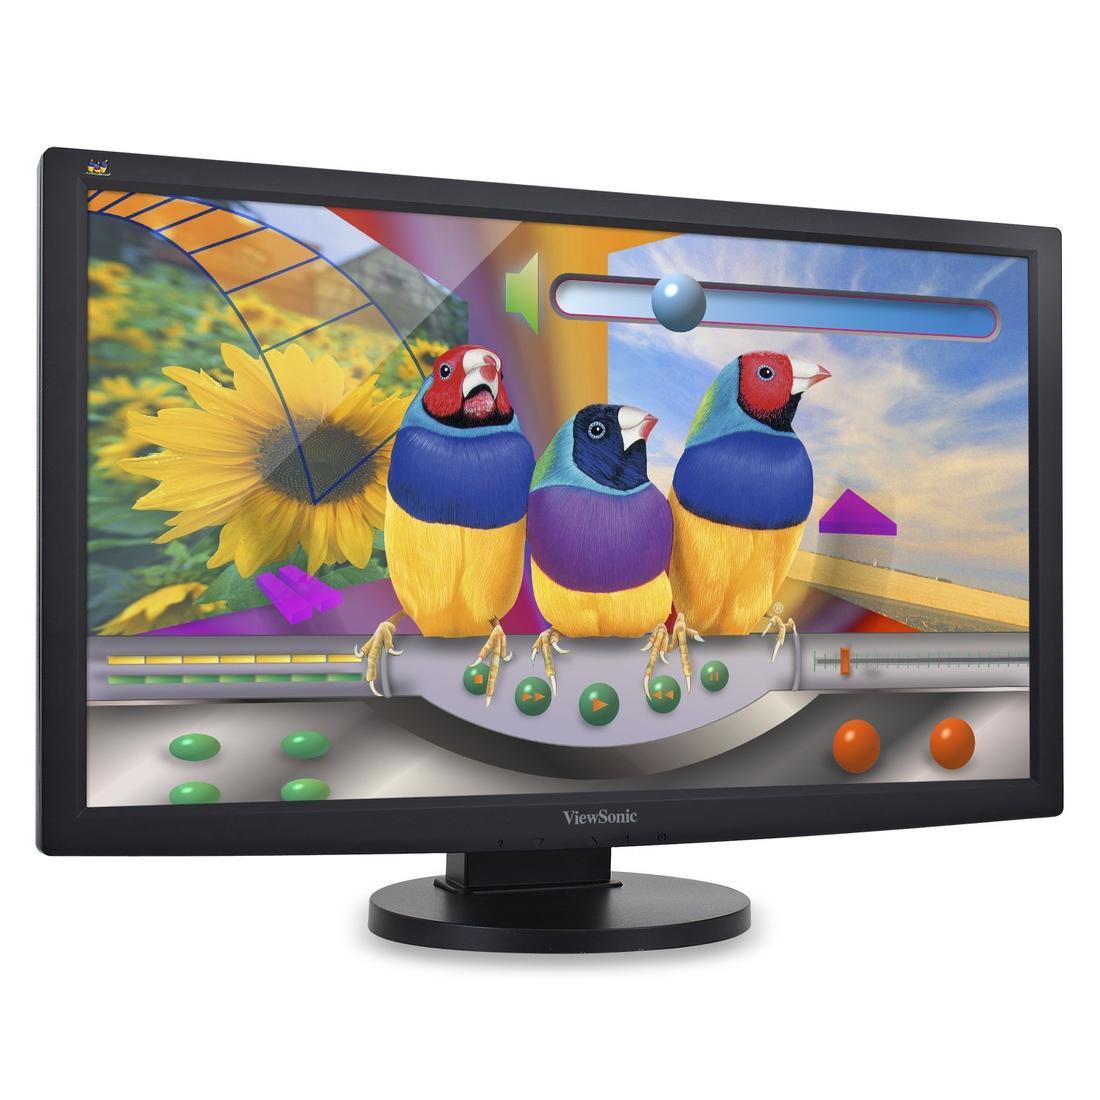 Viewsonic VG20SMH Im Test Ergonomischer LED Monitor zum fairen ...